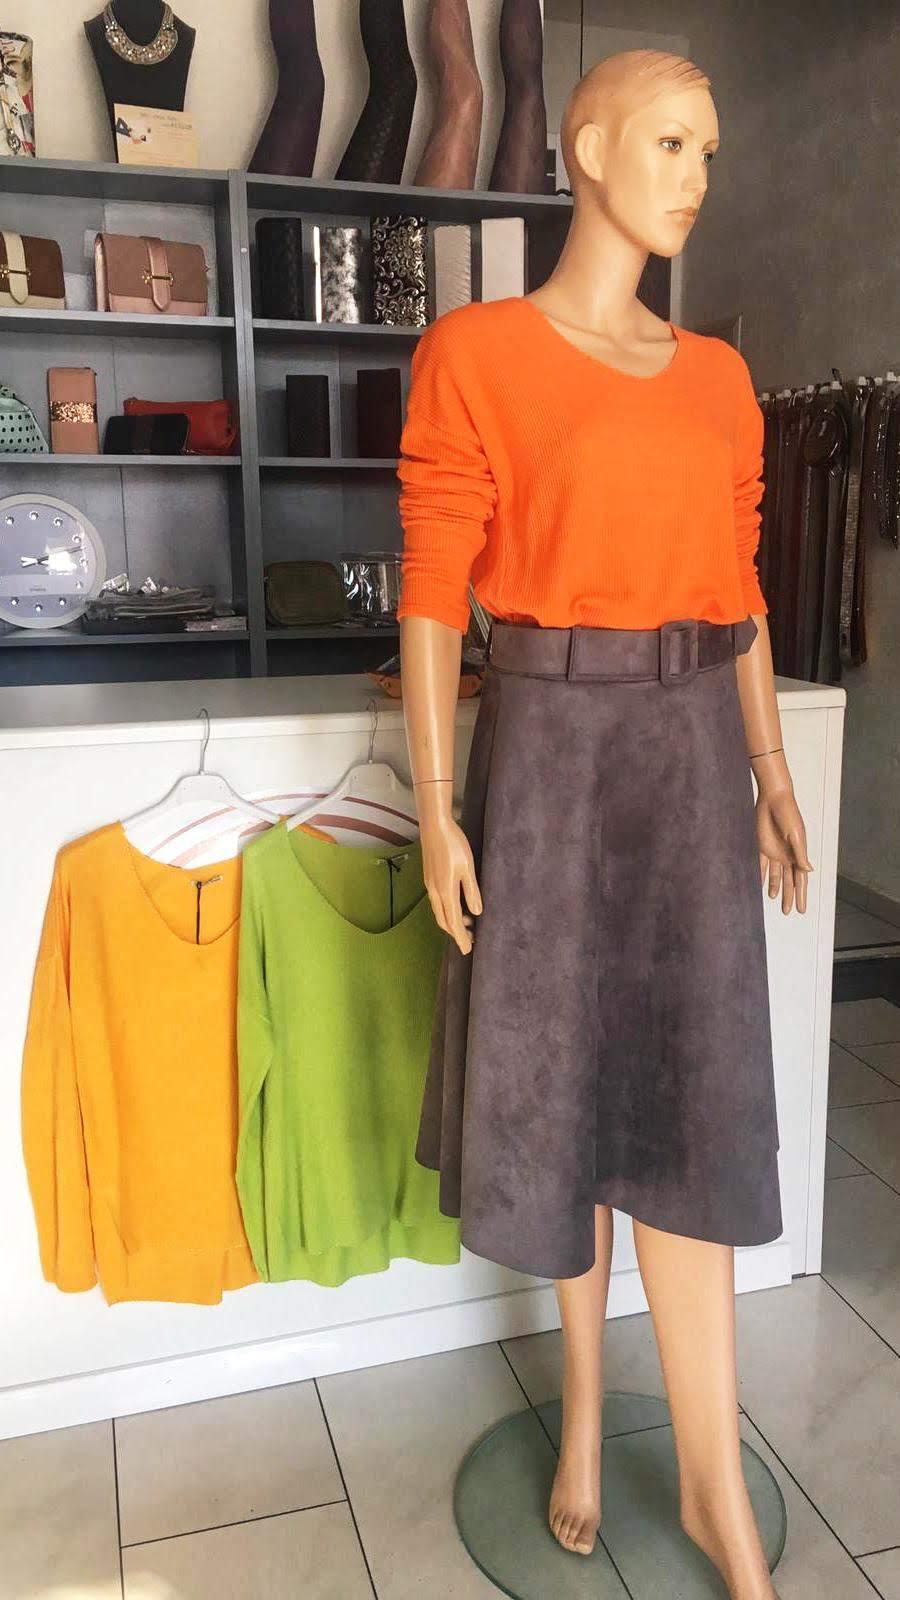 Rock in dunkelgrau/grau/beige oder rose 59.90€ - Leichter Sommerpullover orange/mint oder senfgelb 44.90€